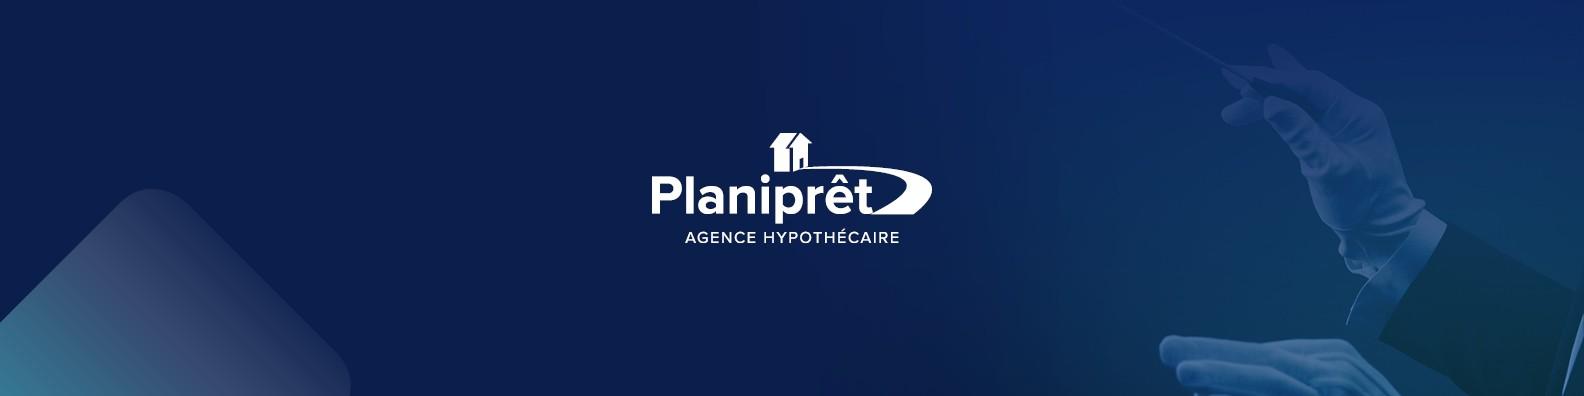 ebf7a5545b Planiprêt agence hypothécaire | LinkedIn